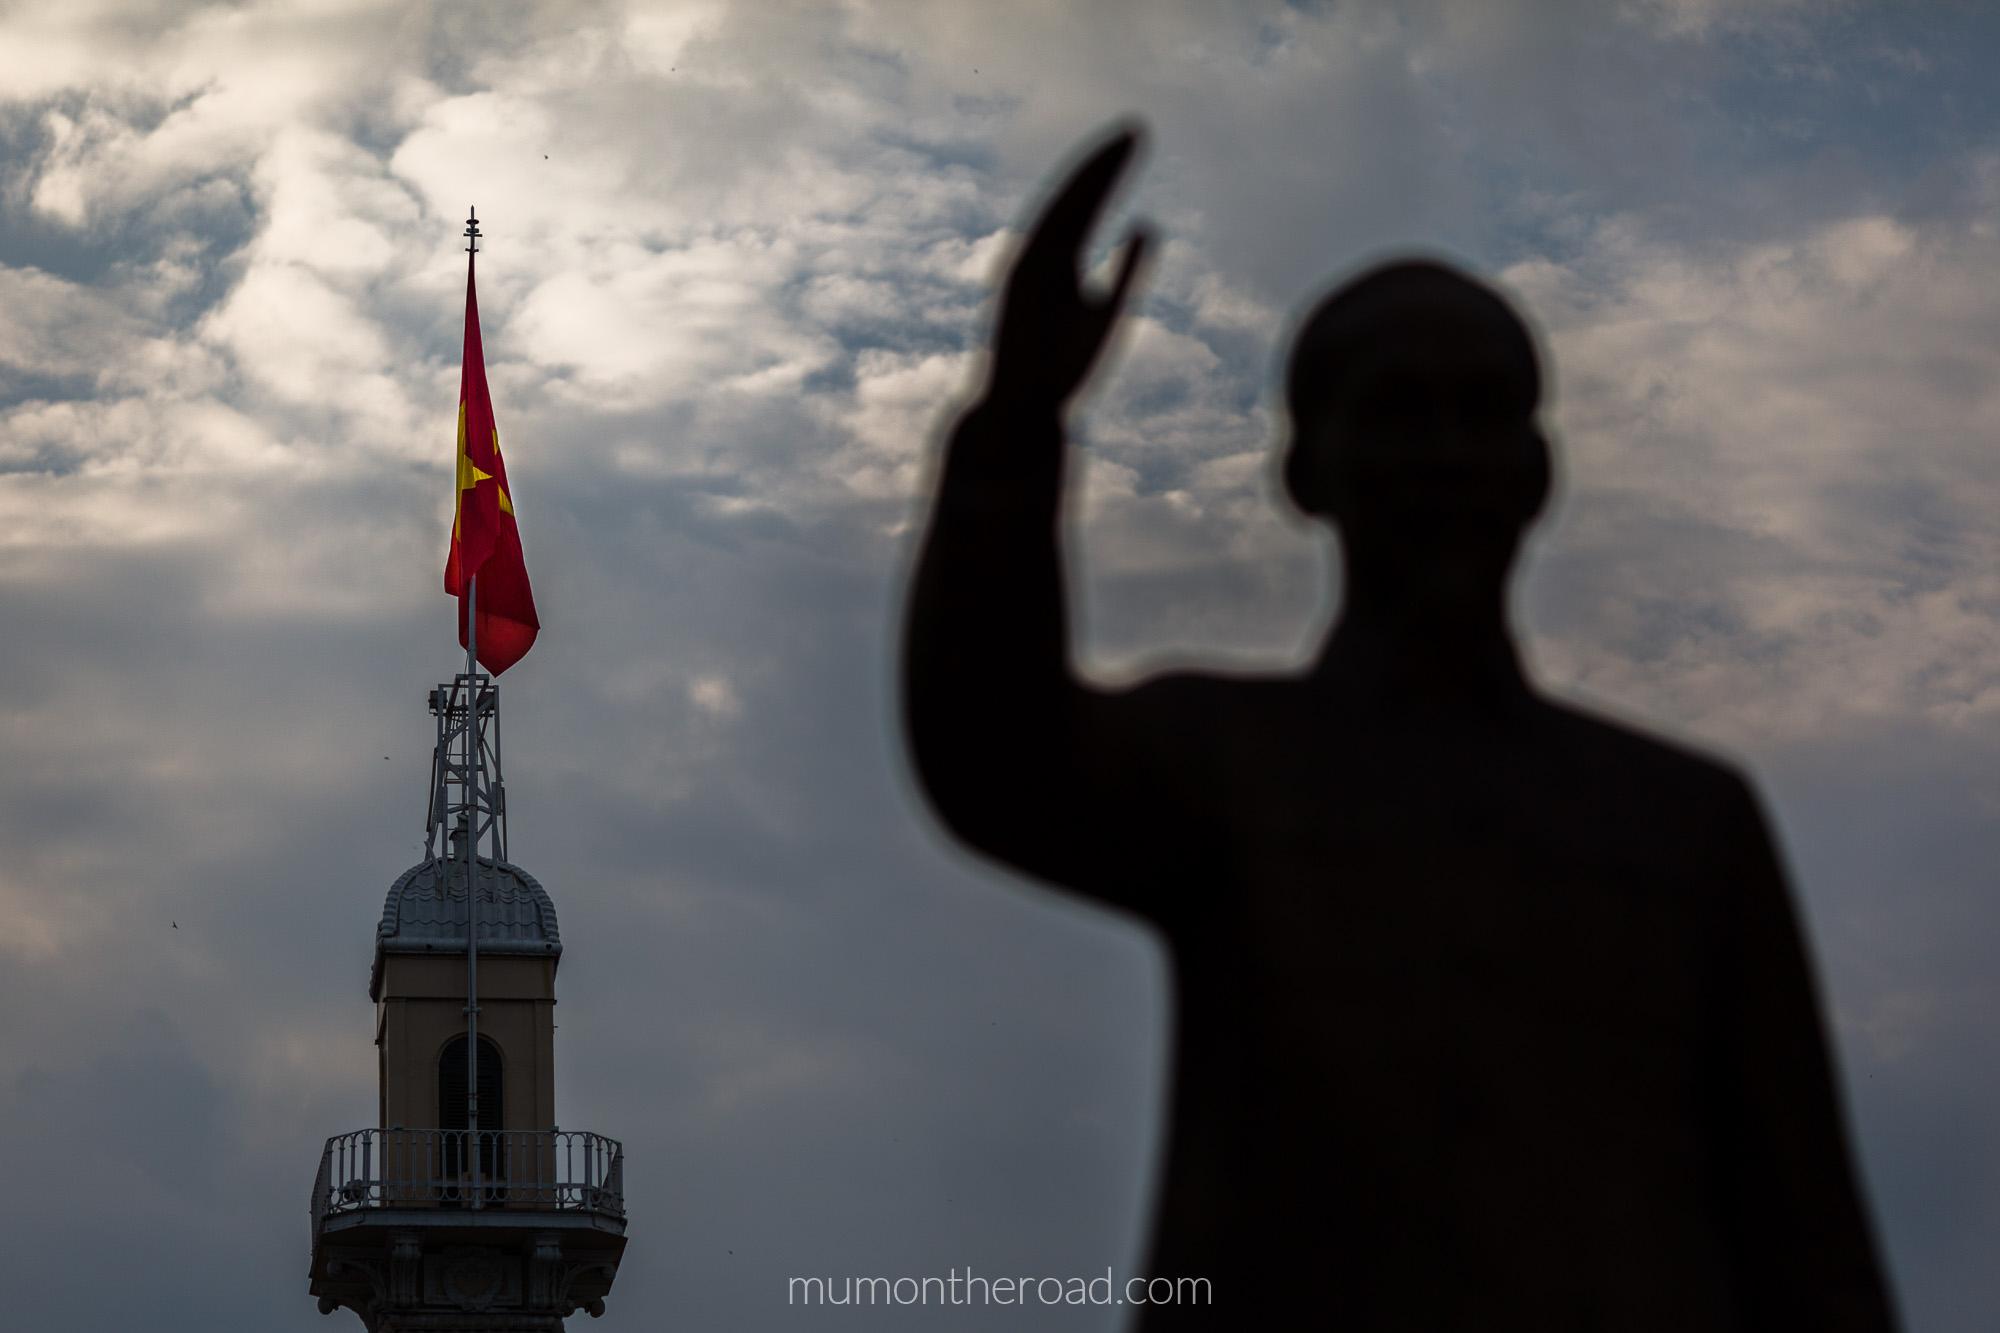 Vue sur le drapeau communiste depuis la place Ho Chi Minh à Saigon au Vietnam